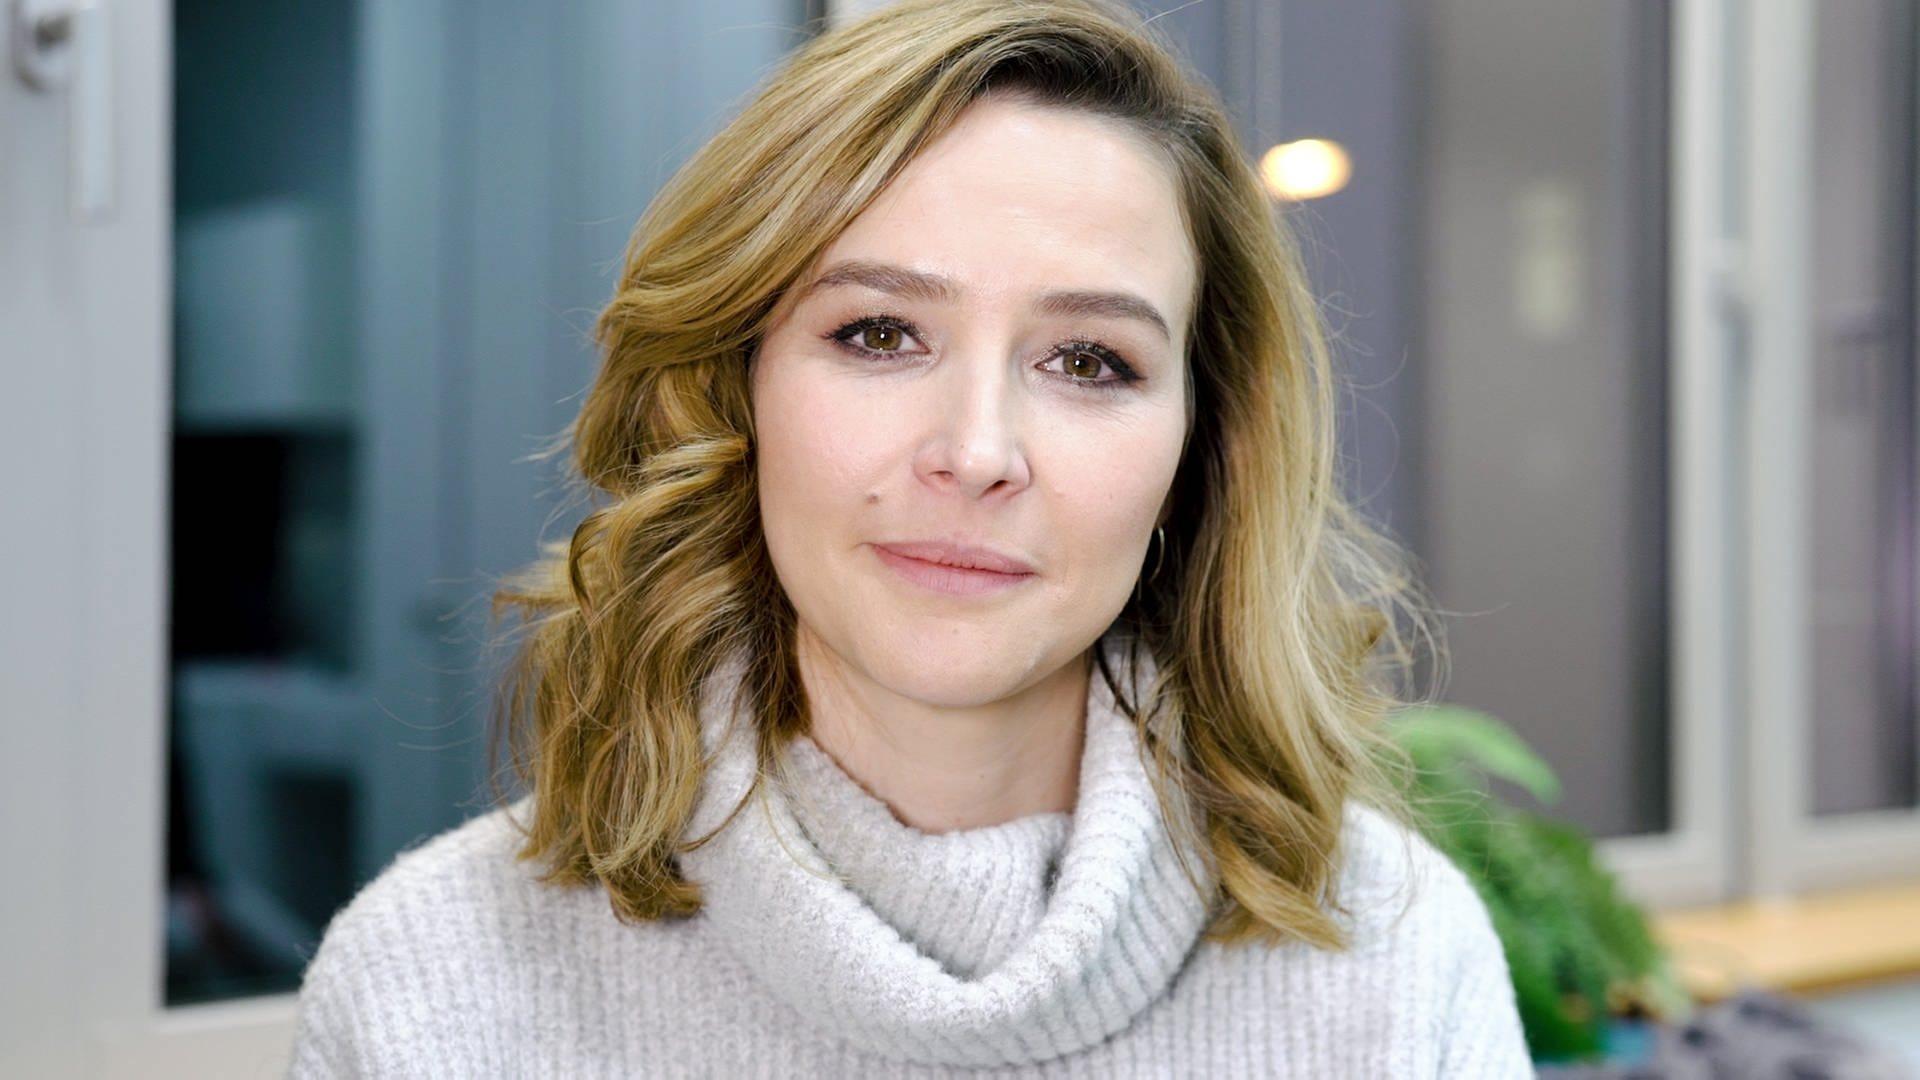 Die deutsche Moderatorin Katrin Bauerfeind in einem Strickpullover